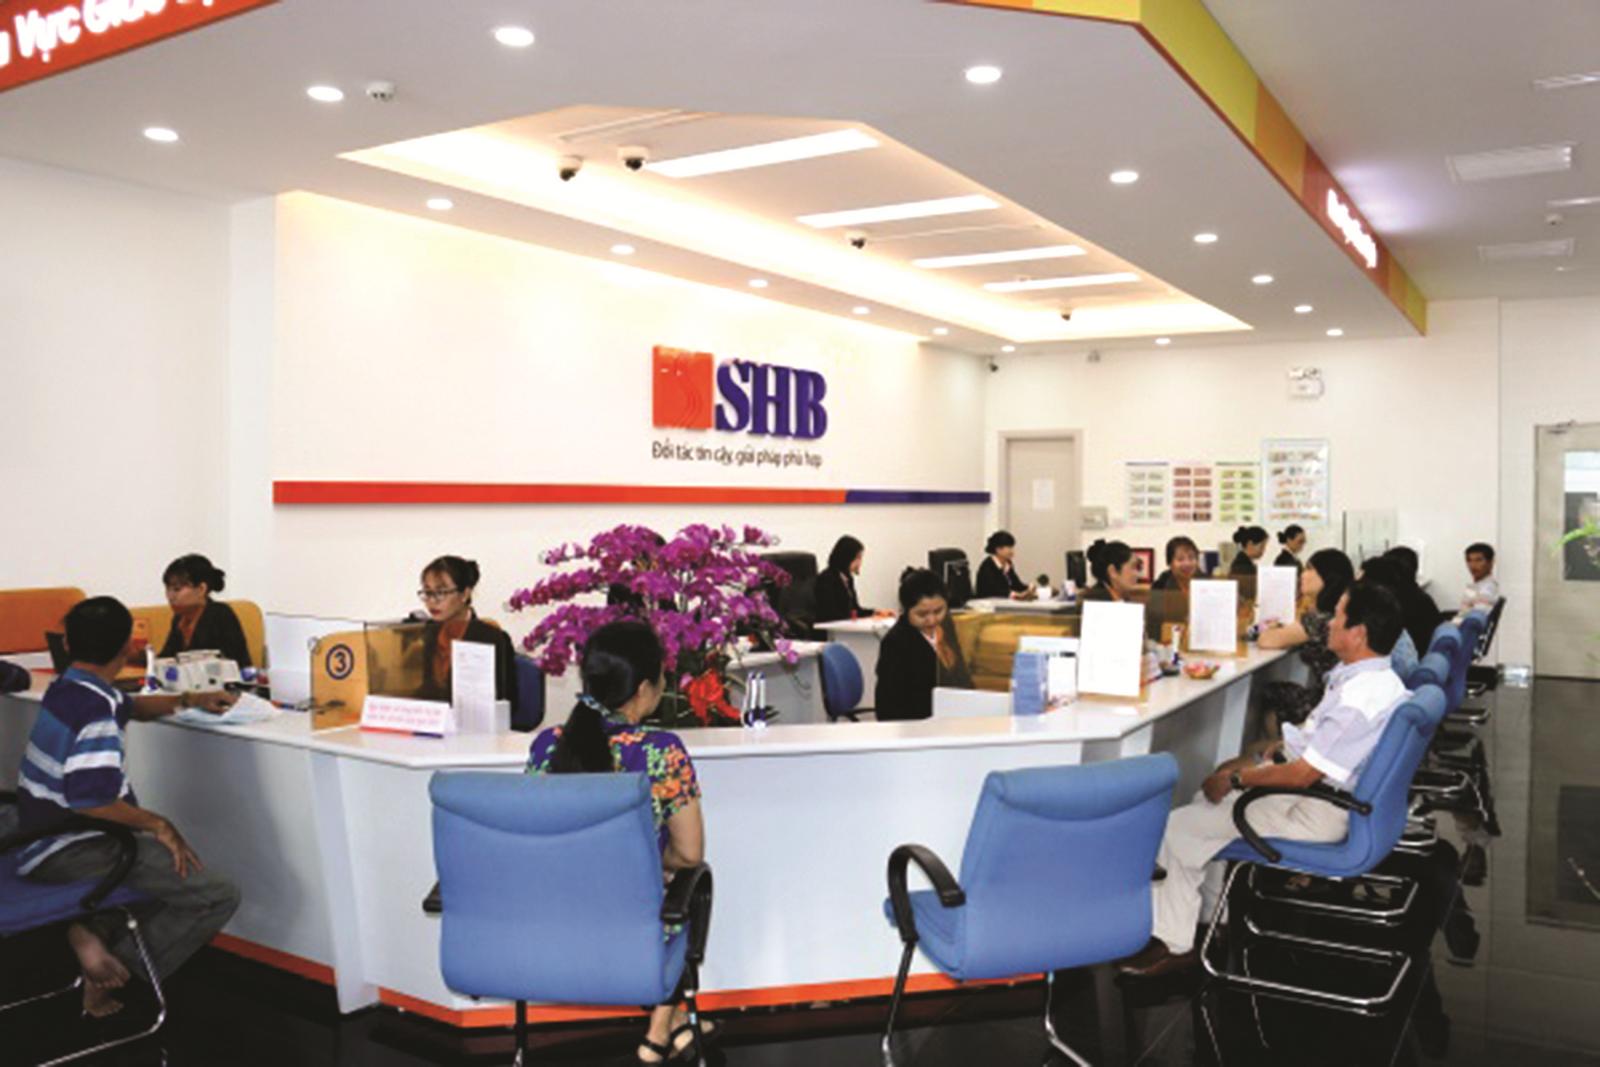 SHB Chi nhánh Khánh Hòa: Chất lượng dịch vụ quyết định thành công